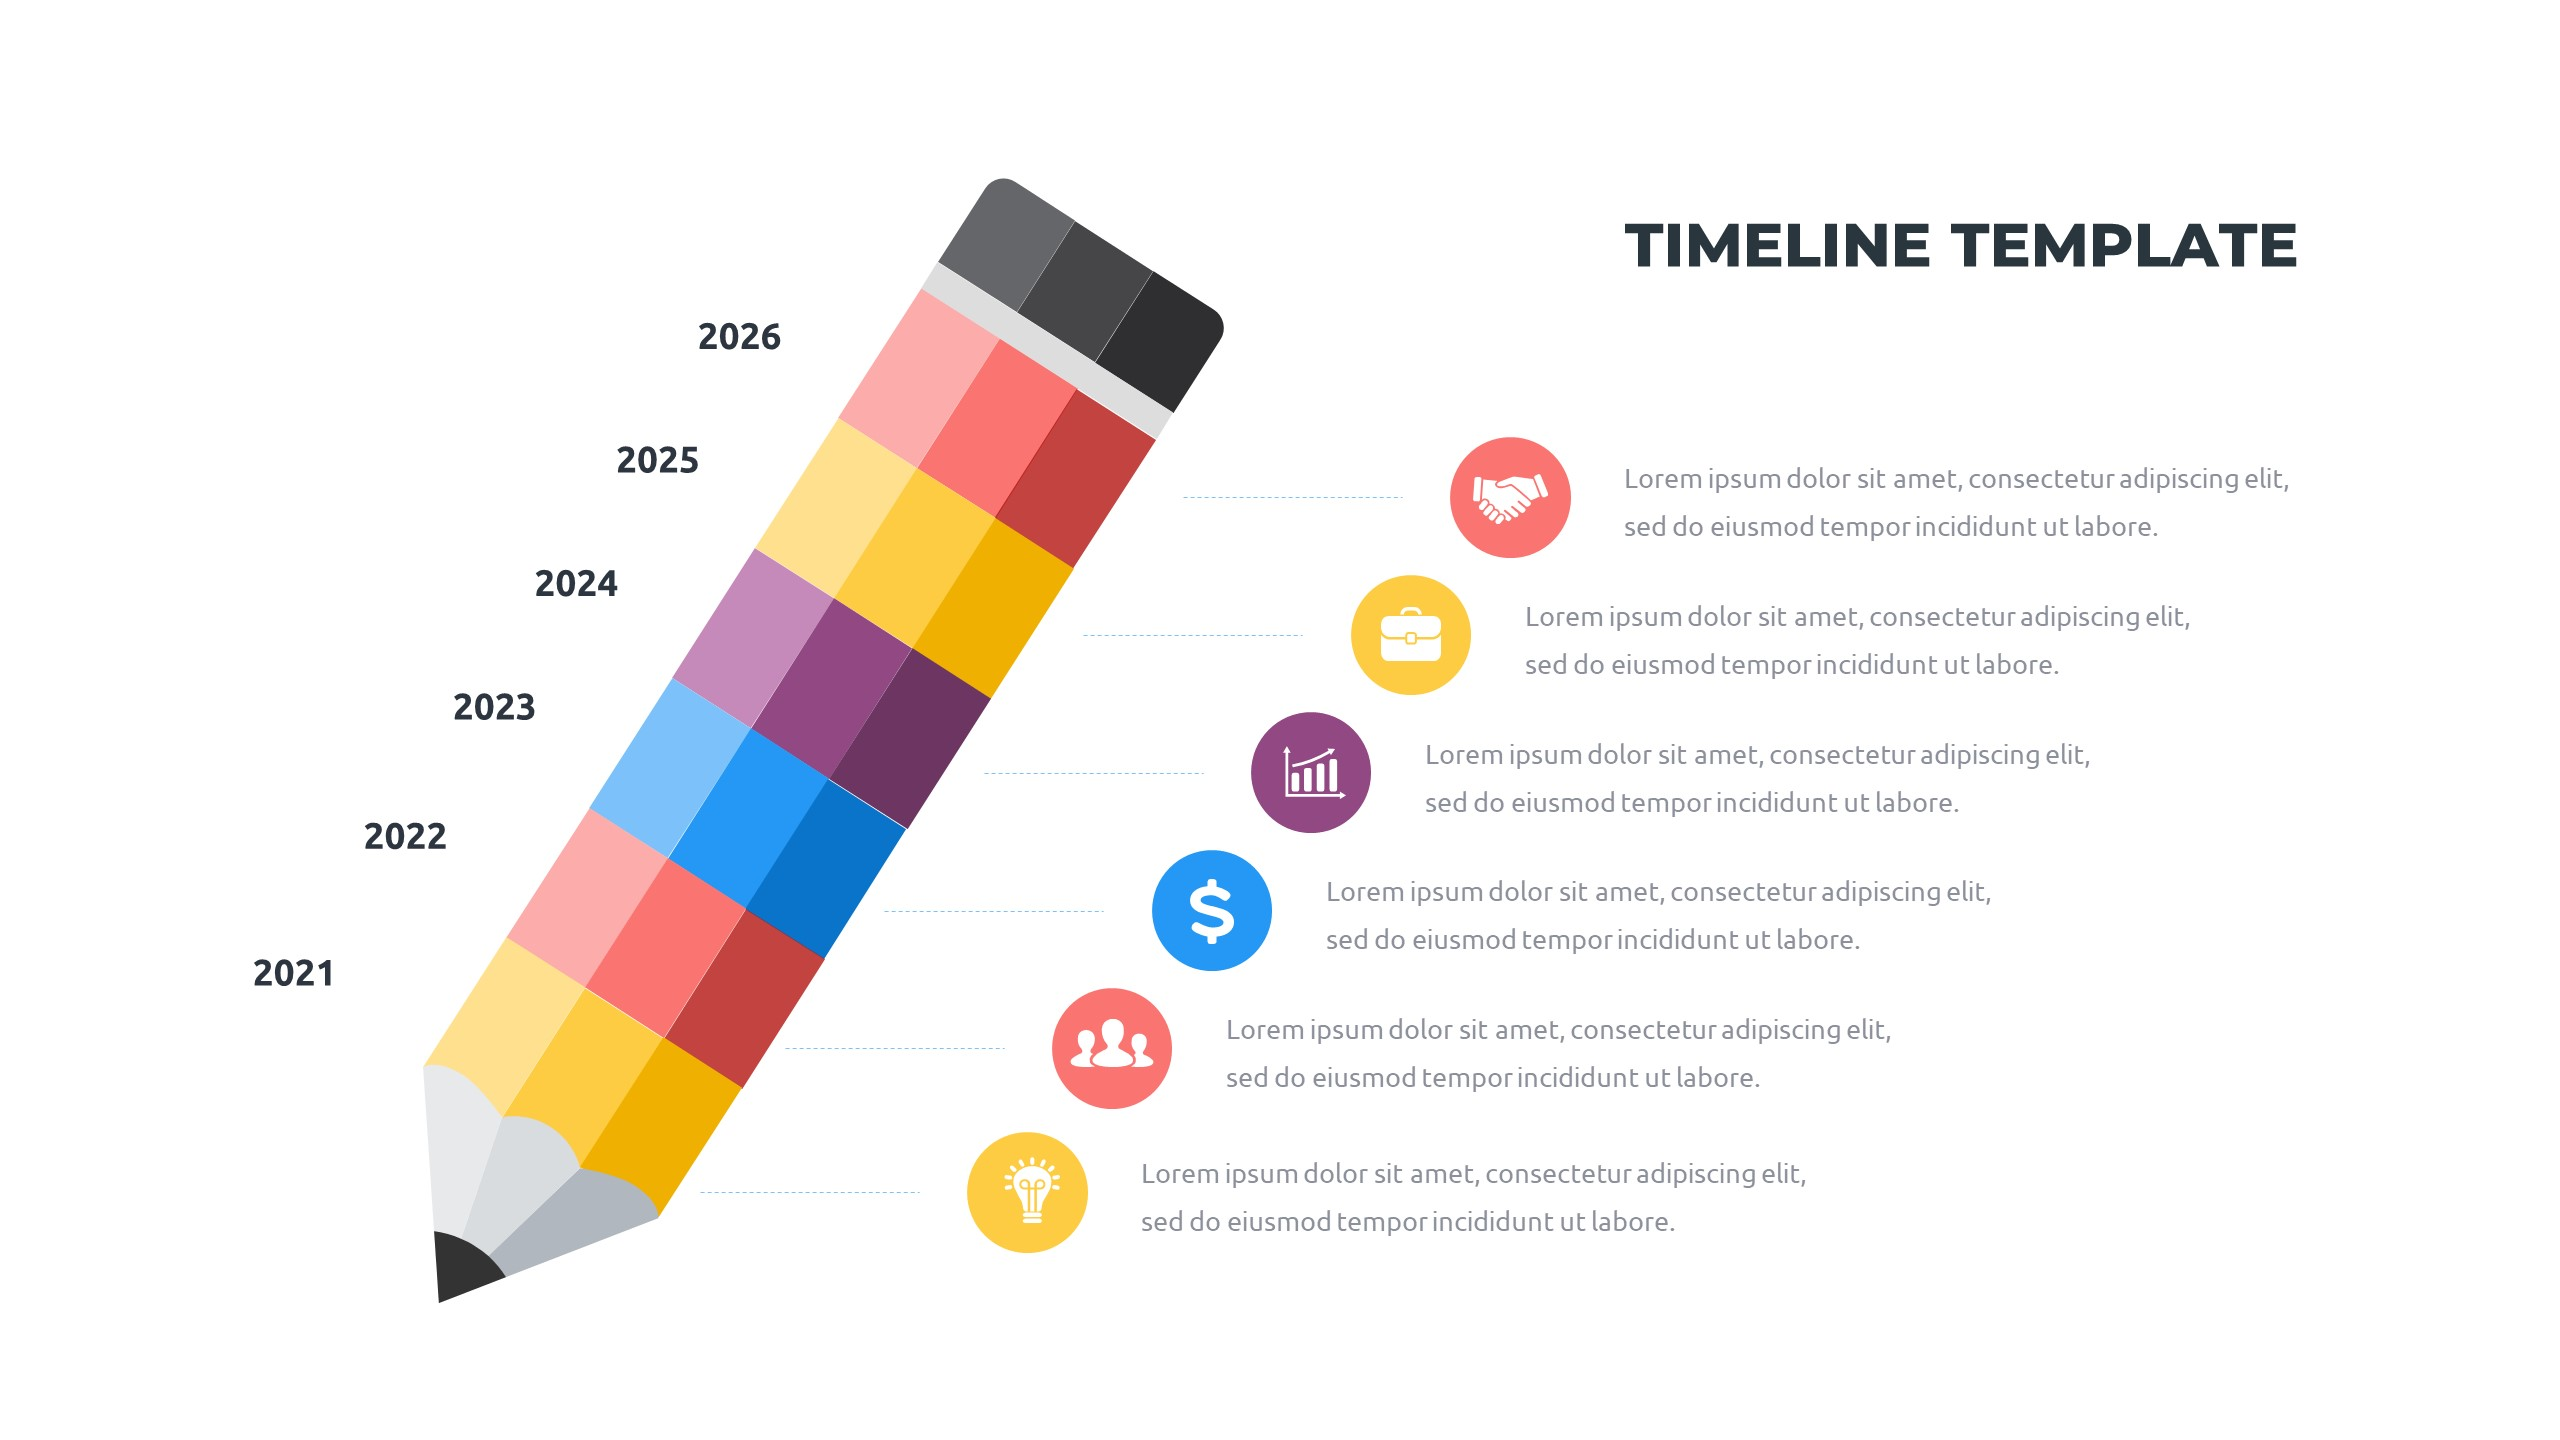 36 Timeline Presentation Templates: Powerpoint, Google Slides, Keynote - Slide33